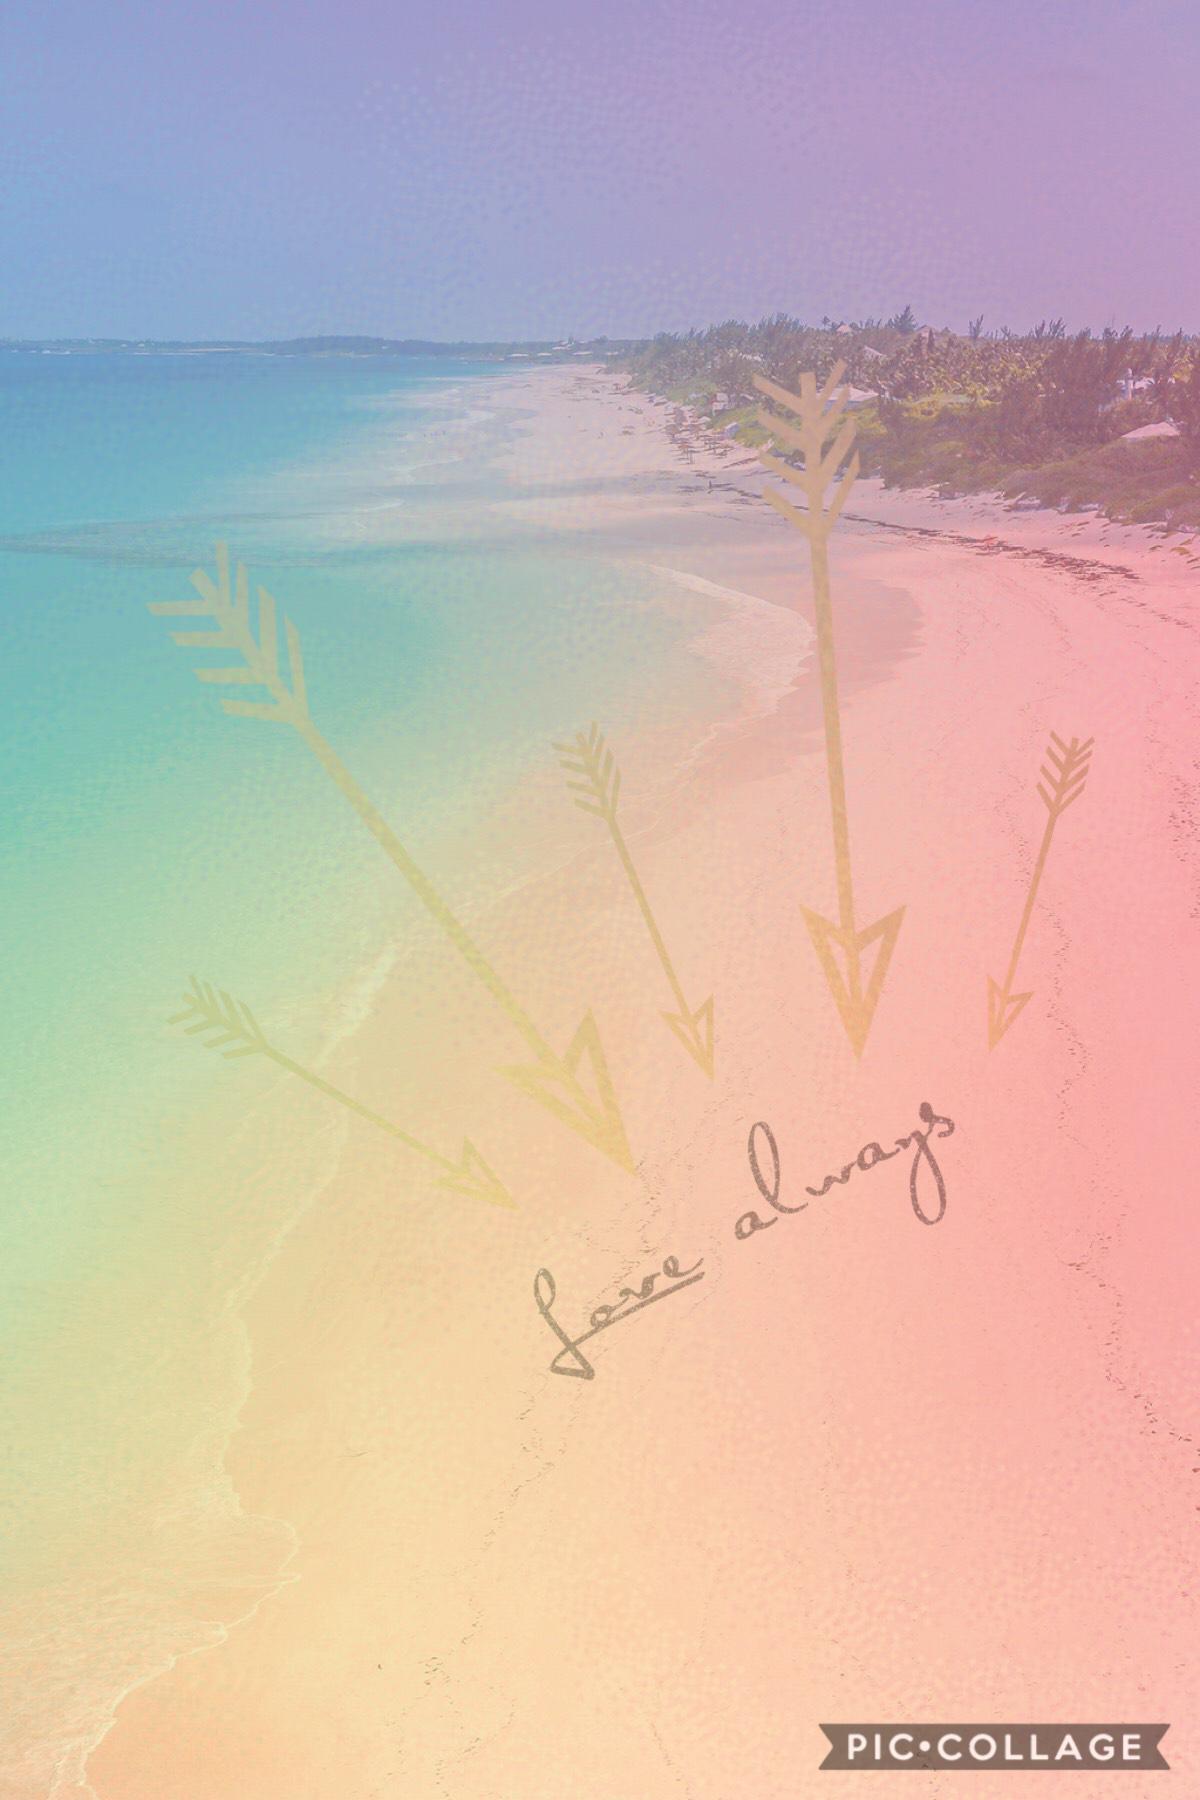 Beach sand and sun 💖🤞